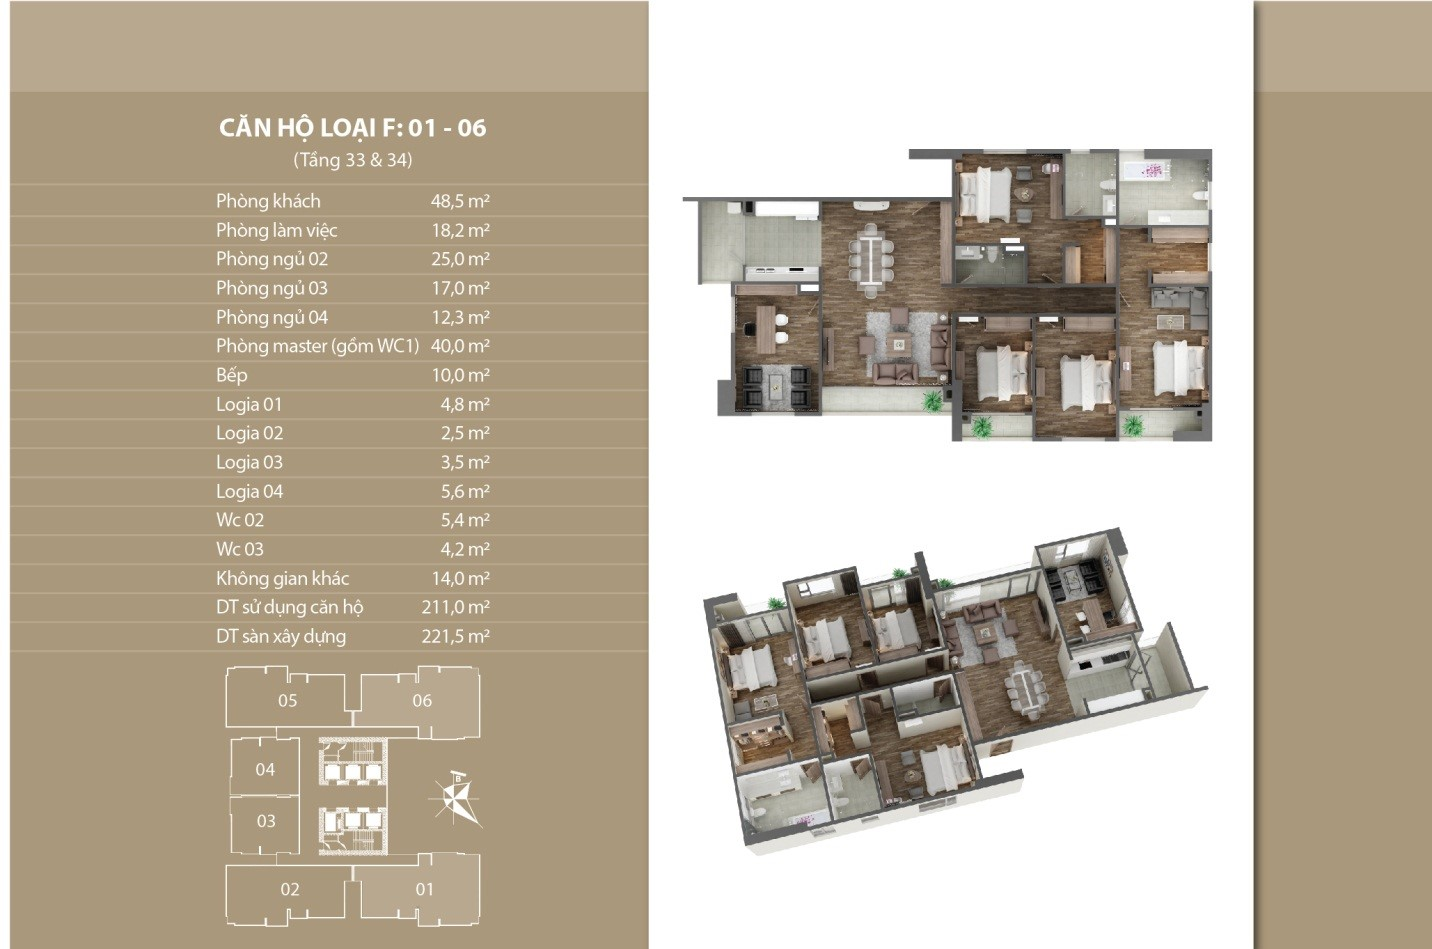 Thiết kế căn hộ 01 - 06 tầng 33 vs 34